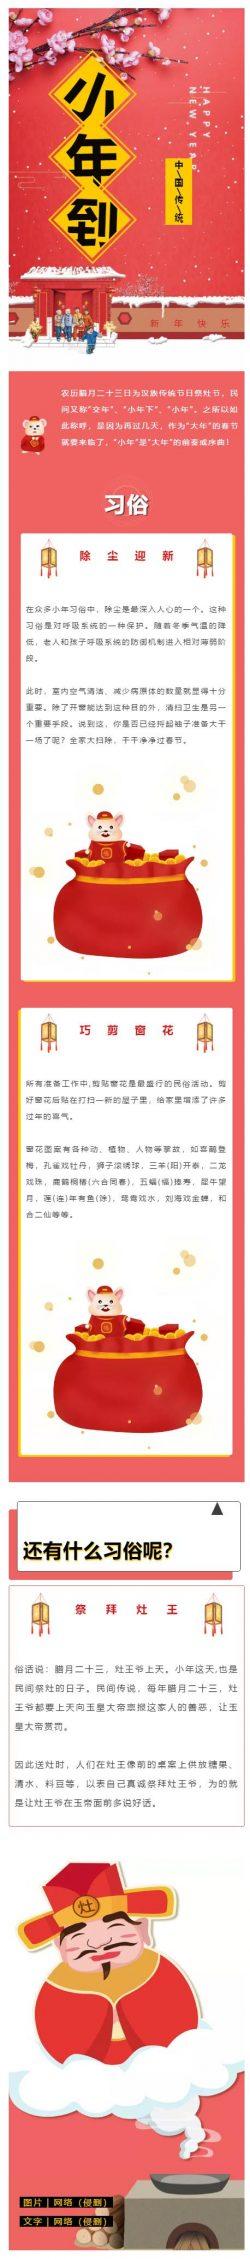 微信农历小年传统新年祭灶节模板公众平台推送图文素材推文模板